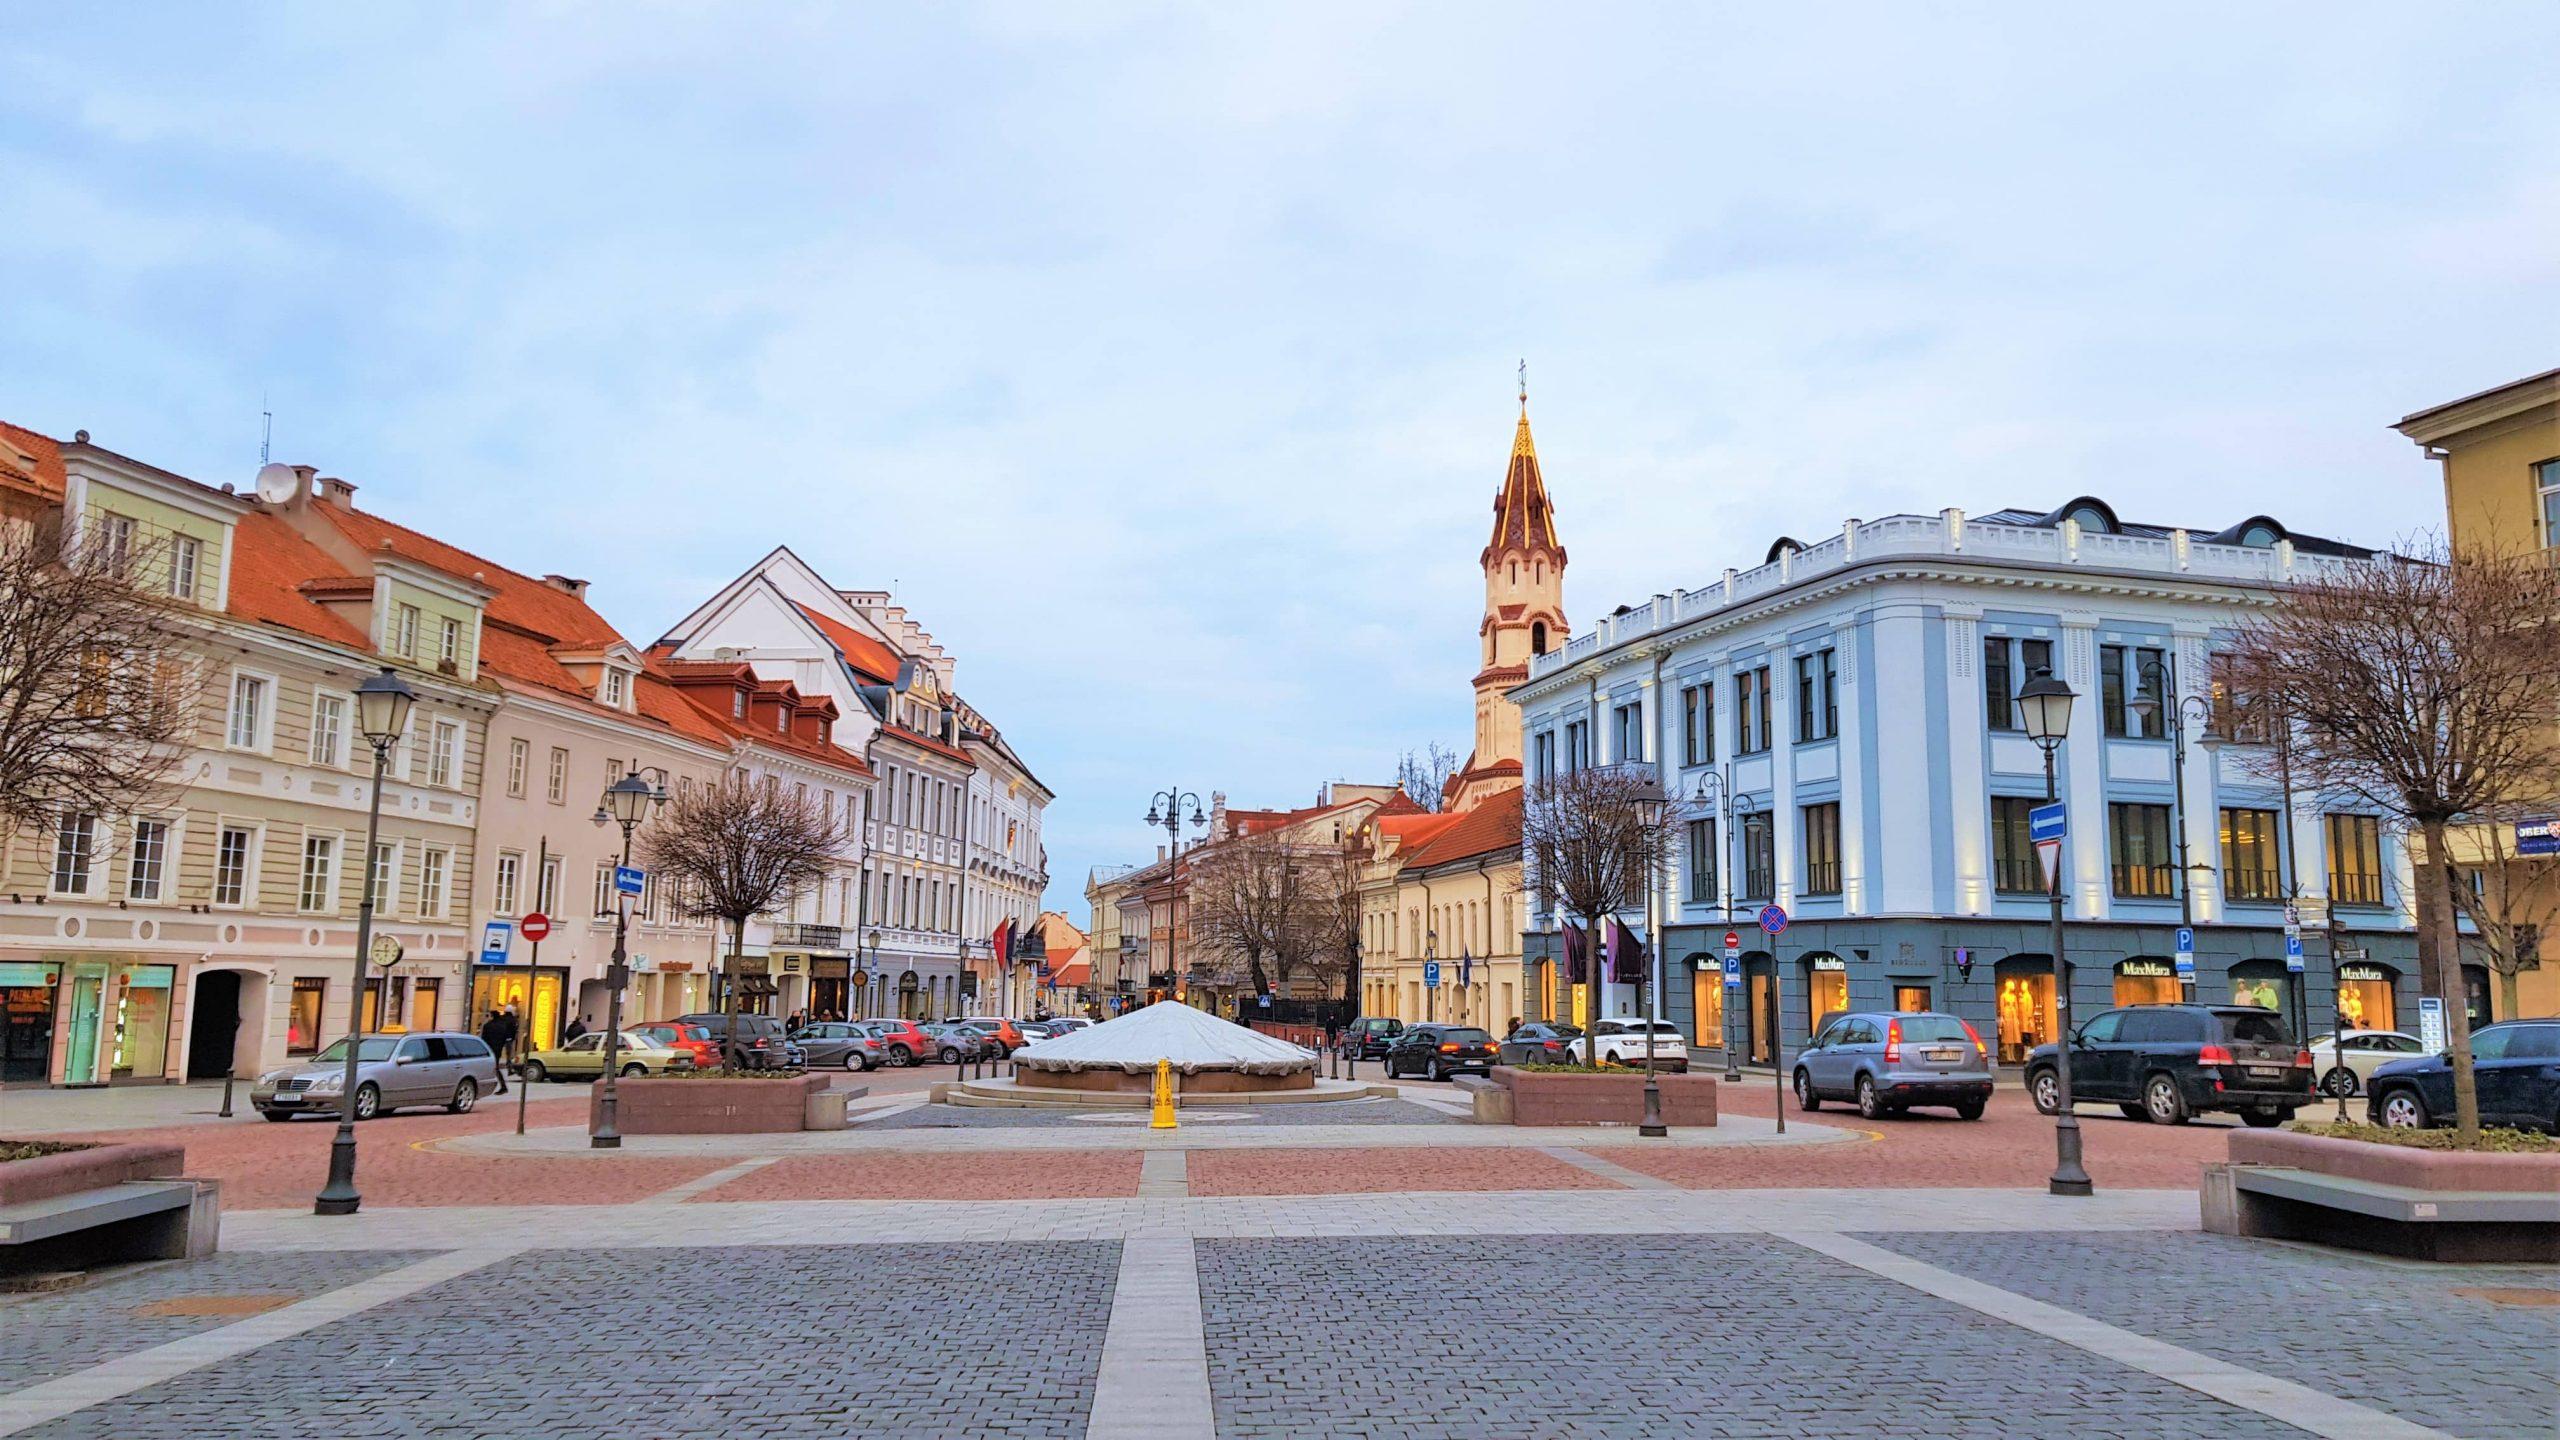 Plaza del ayuntamiento de Vilna